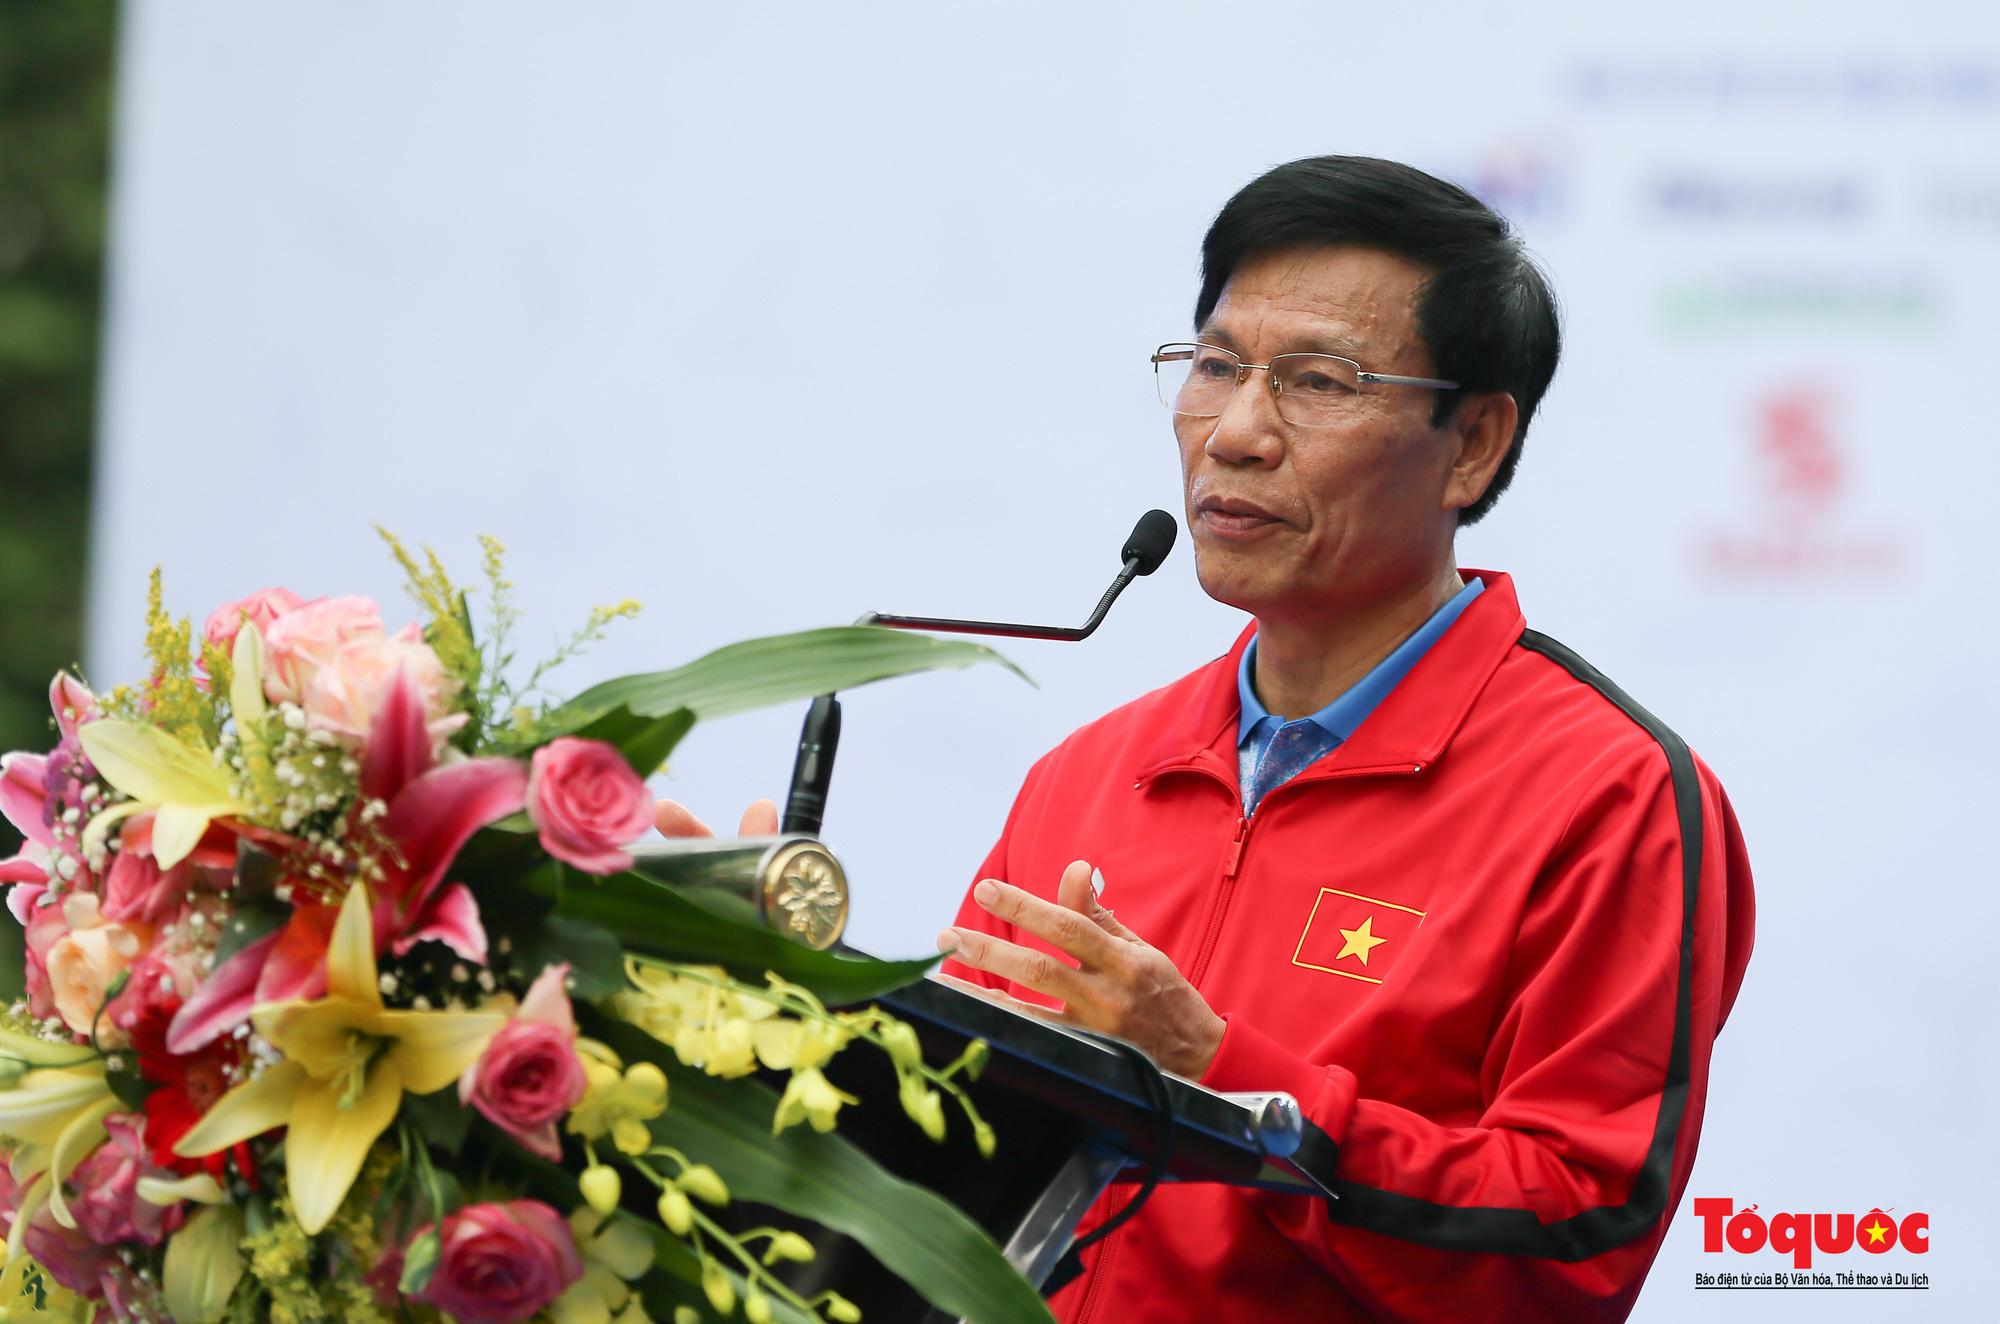 Khởi động cùng SEA Games 31 - Việt Nam sẵn sàng cho Đại hội thể thao lớn nhất Đông Nam Á  - Ảnh 4.